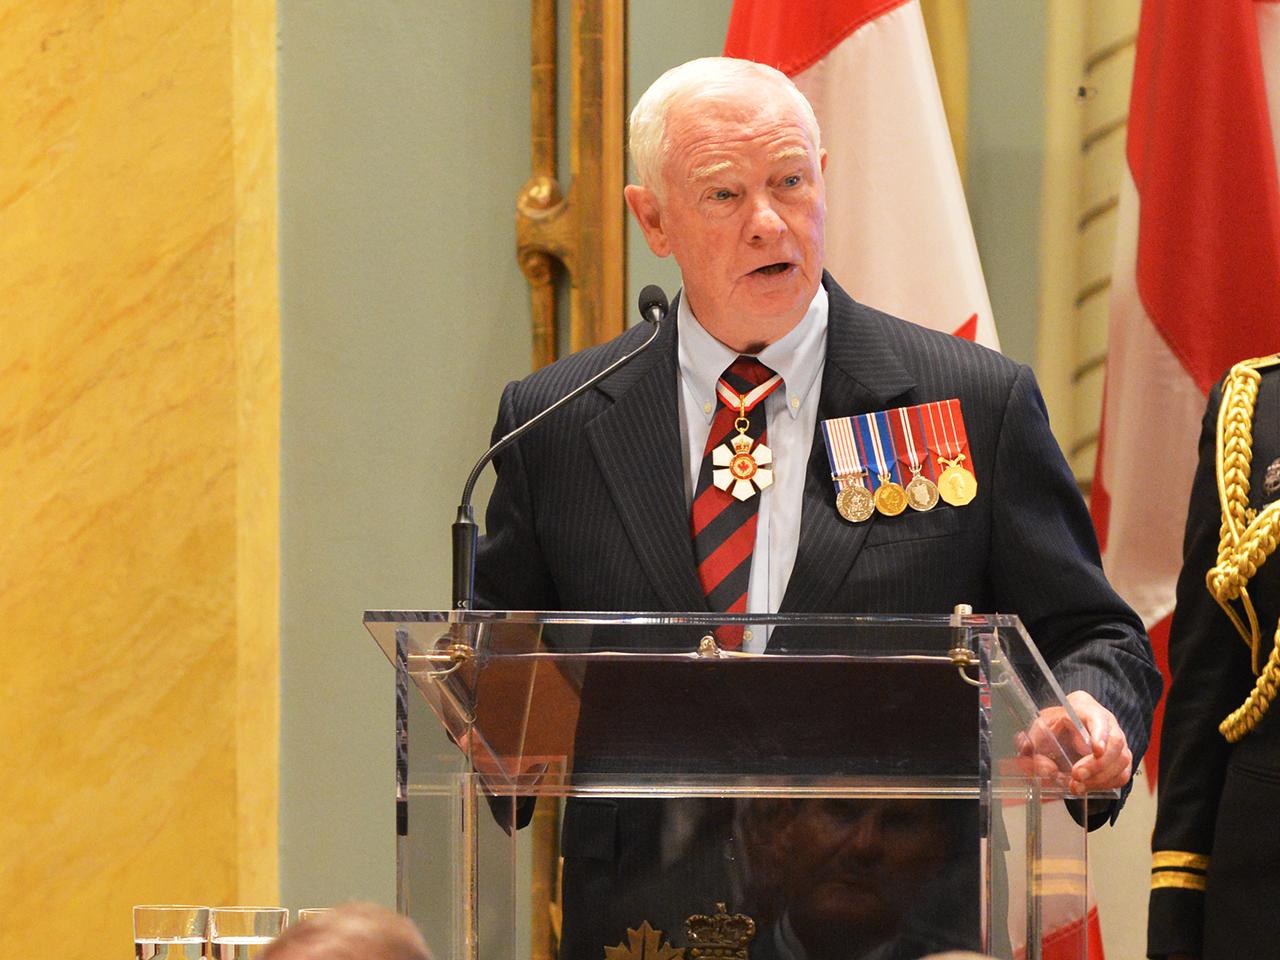 Gouverneur général